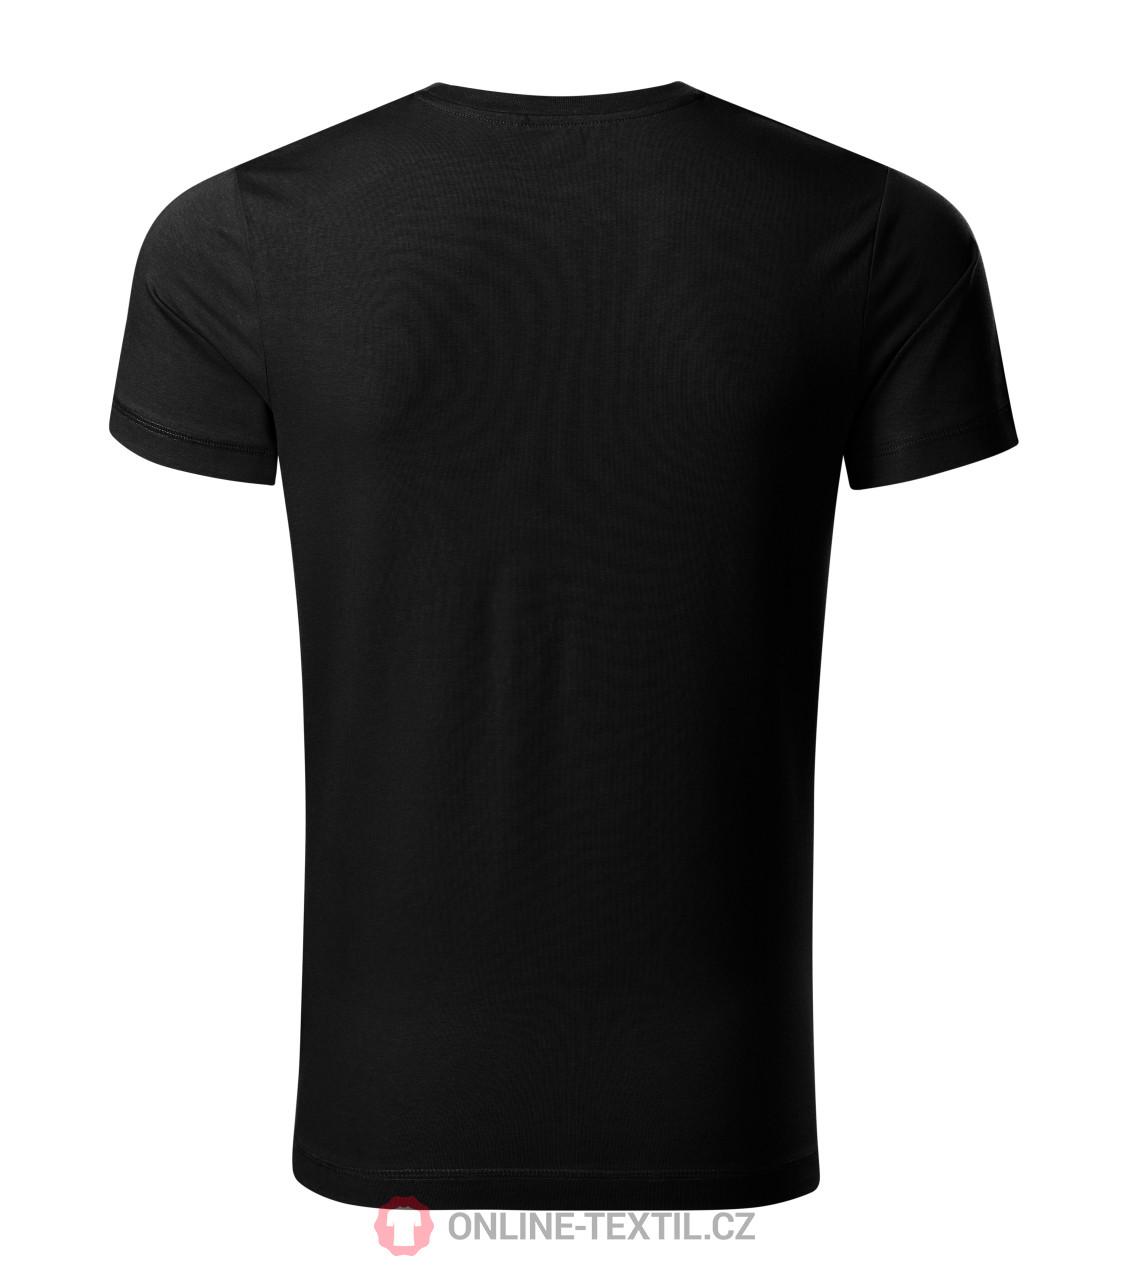 97fa744f6 ADLER CZECH Prémiové pánske tričko Action vyššej gramáže 150 ...